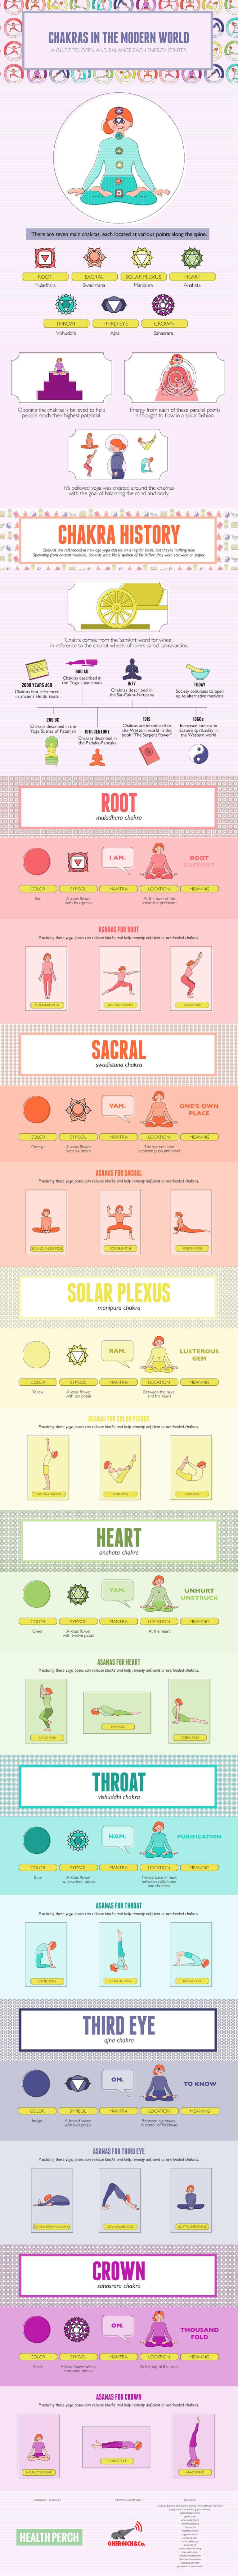 Yoga Poses & Mantras To Balance Your 38 Chakras